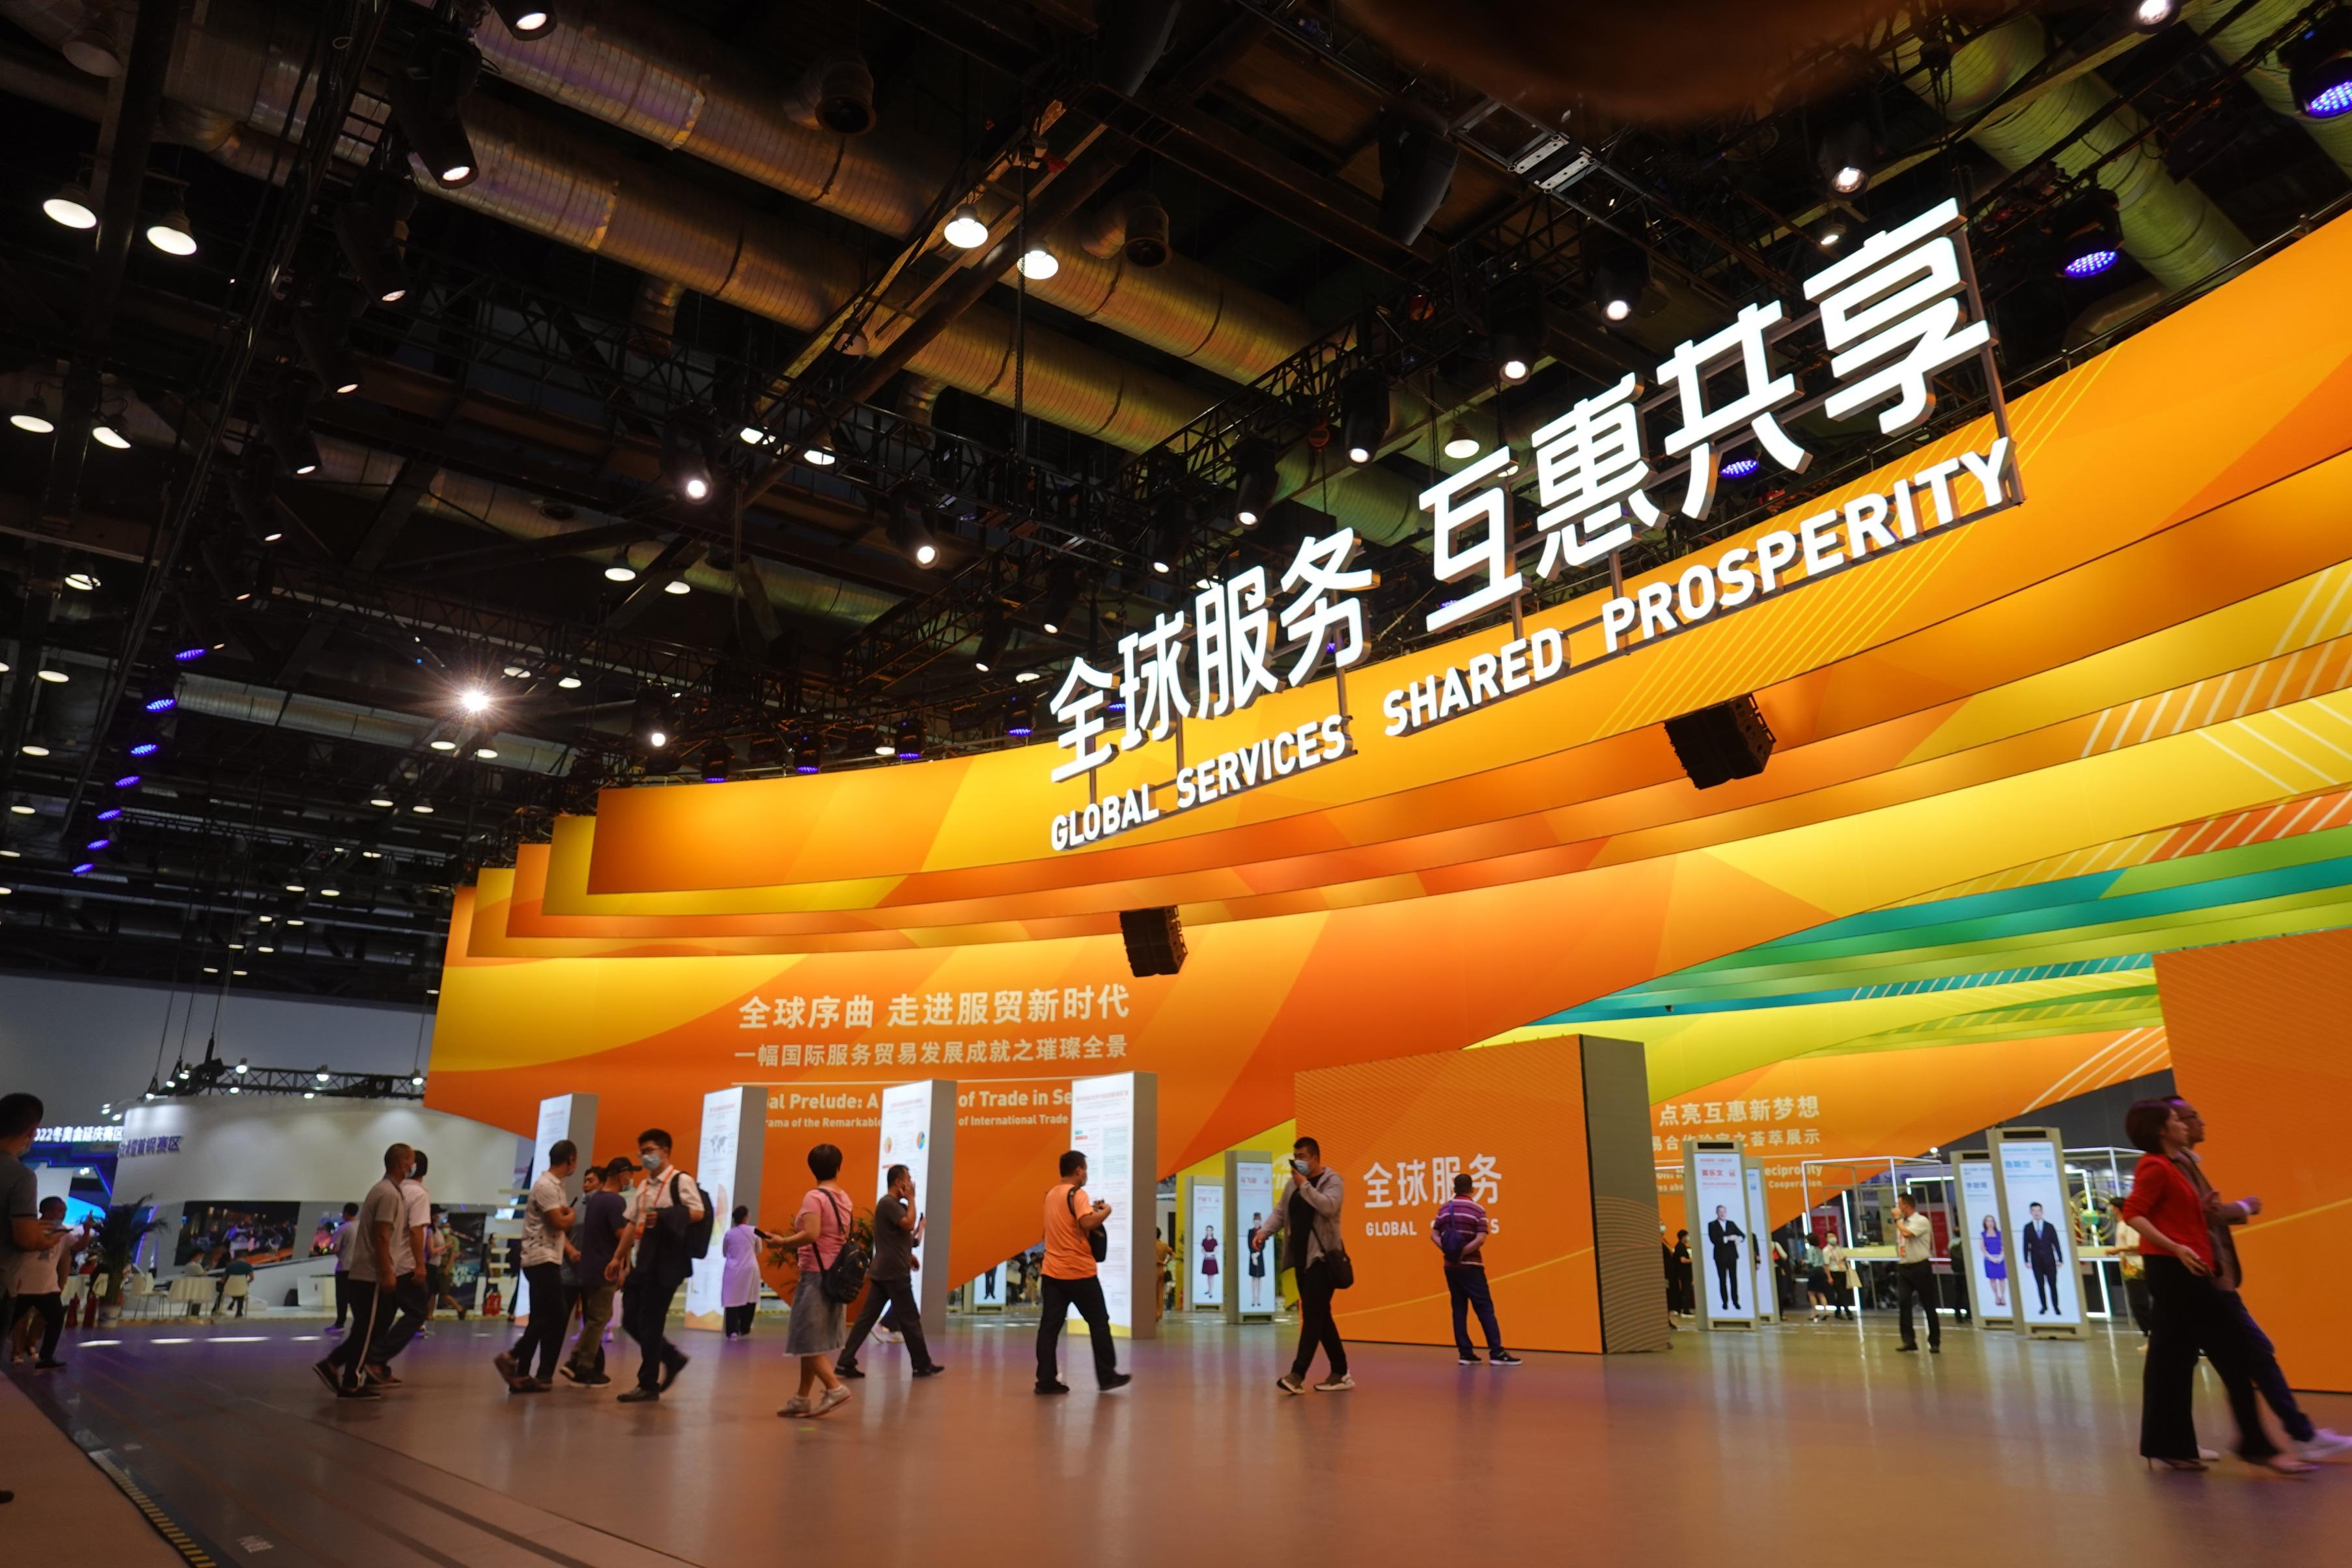 中国国際サービス貿易交易会開幕、NECがスマート技術を披露